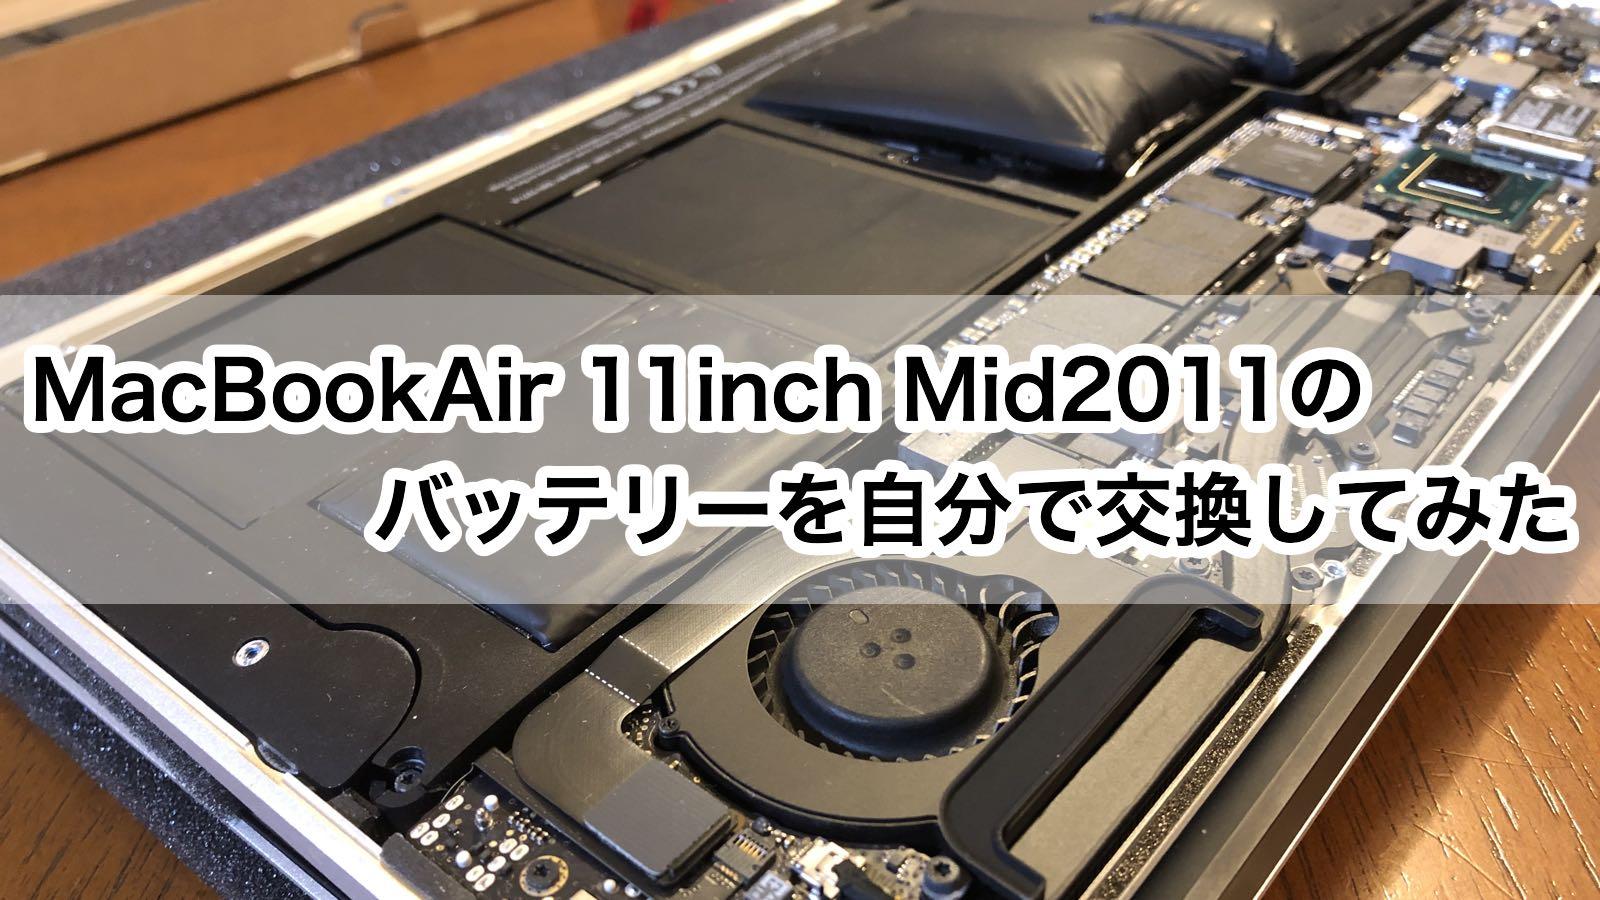 Macbookair mid2011 バッテリー交換方法